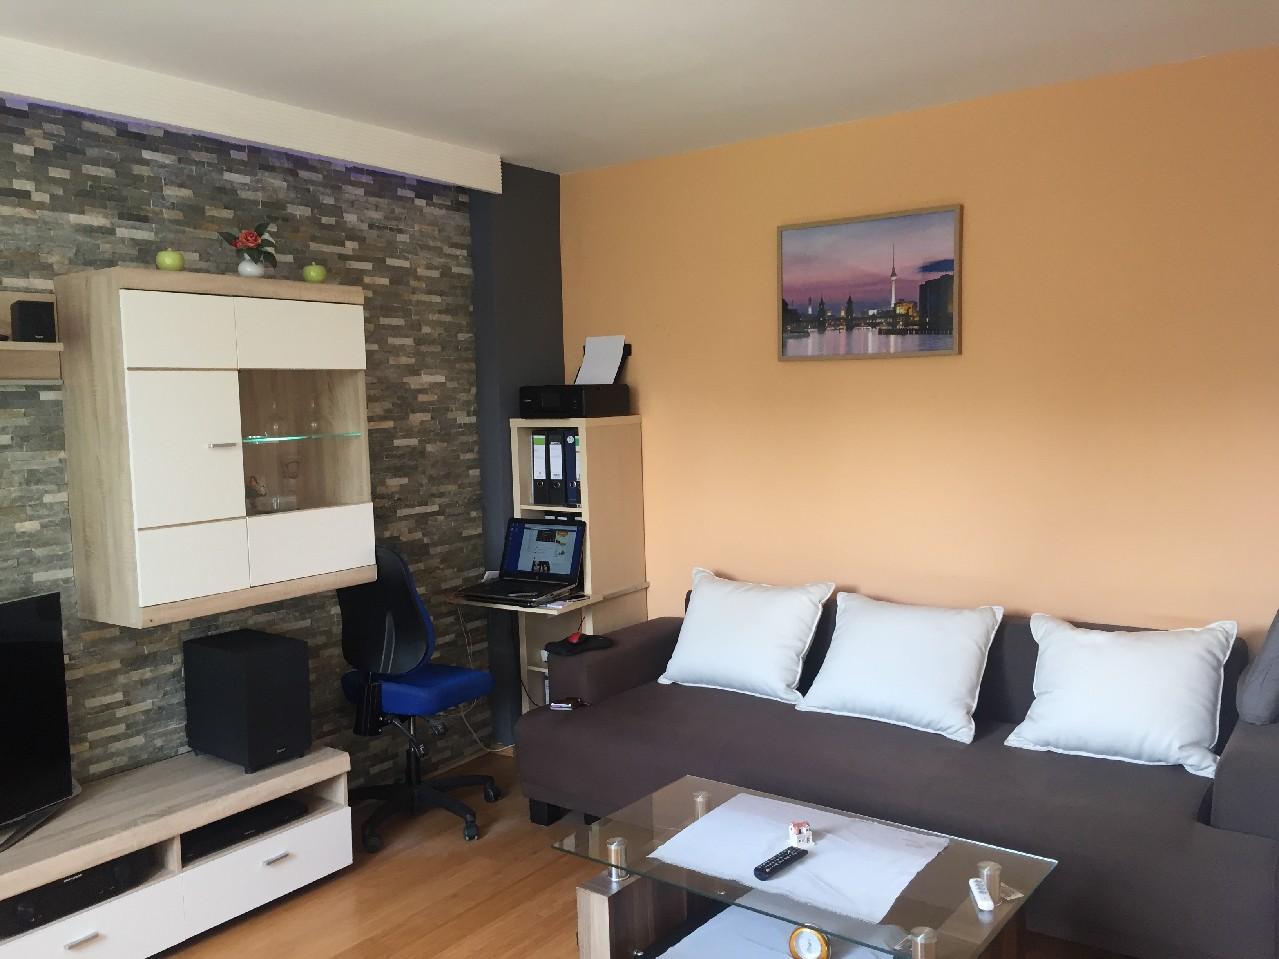 Borsigwalde – sehr schöne 1-Zimmer-Eigentumswohnung in ruhiger Lage